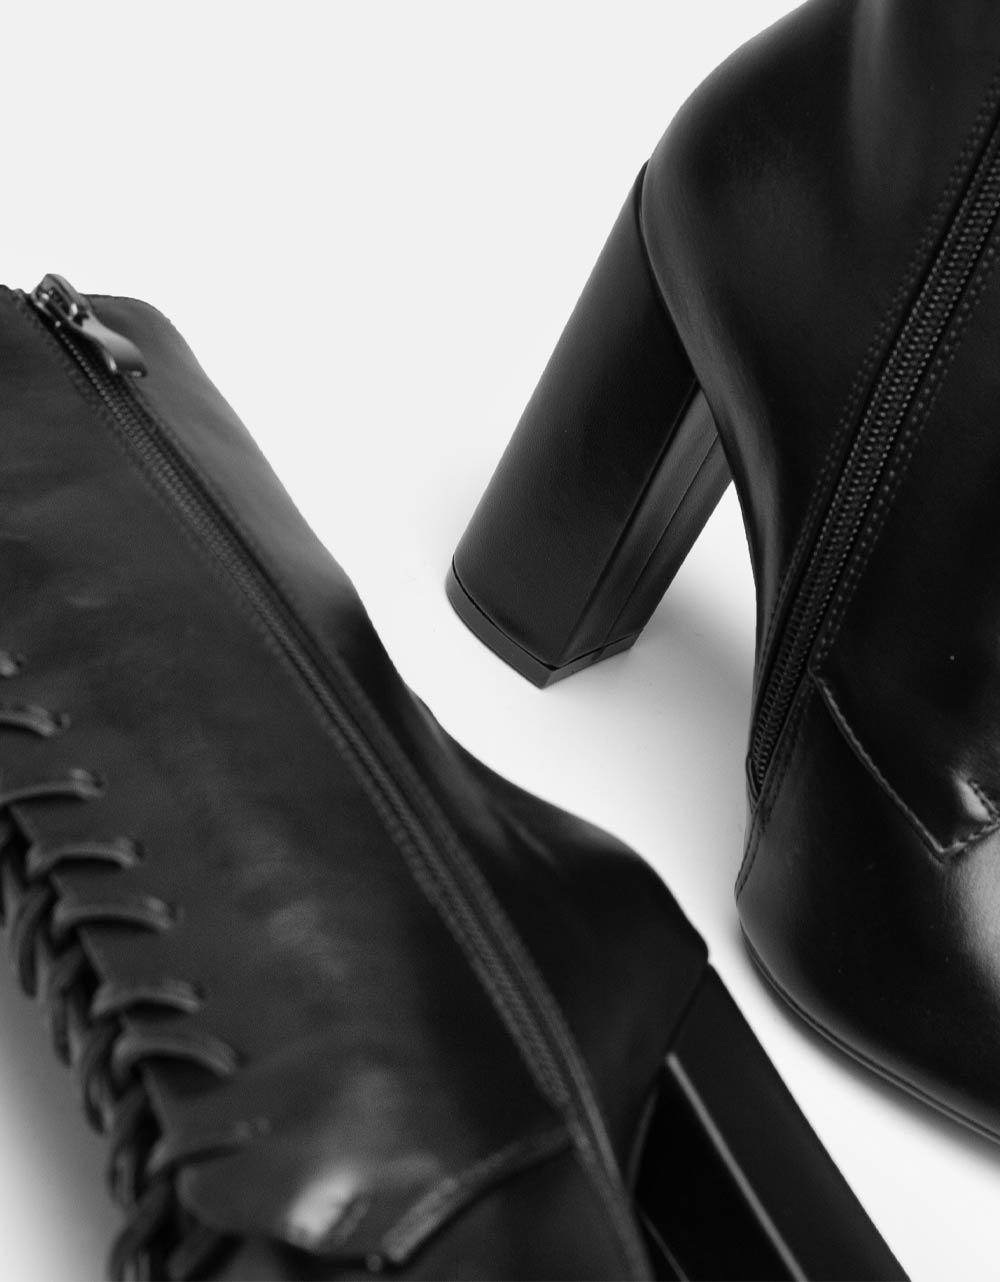 Εικόνα από Γυναικεία μποτάκια με τακούνι και κορδόνια Μαύρο